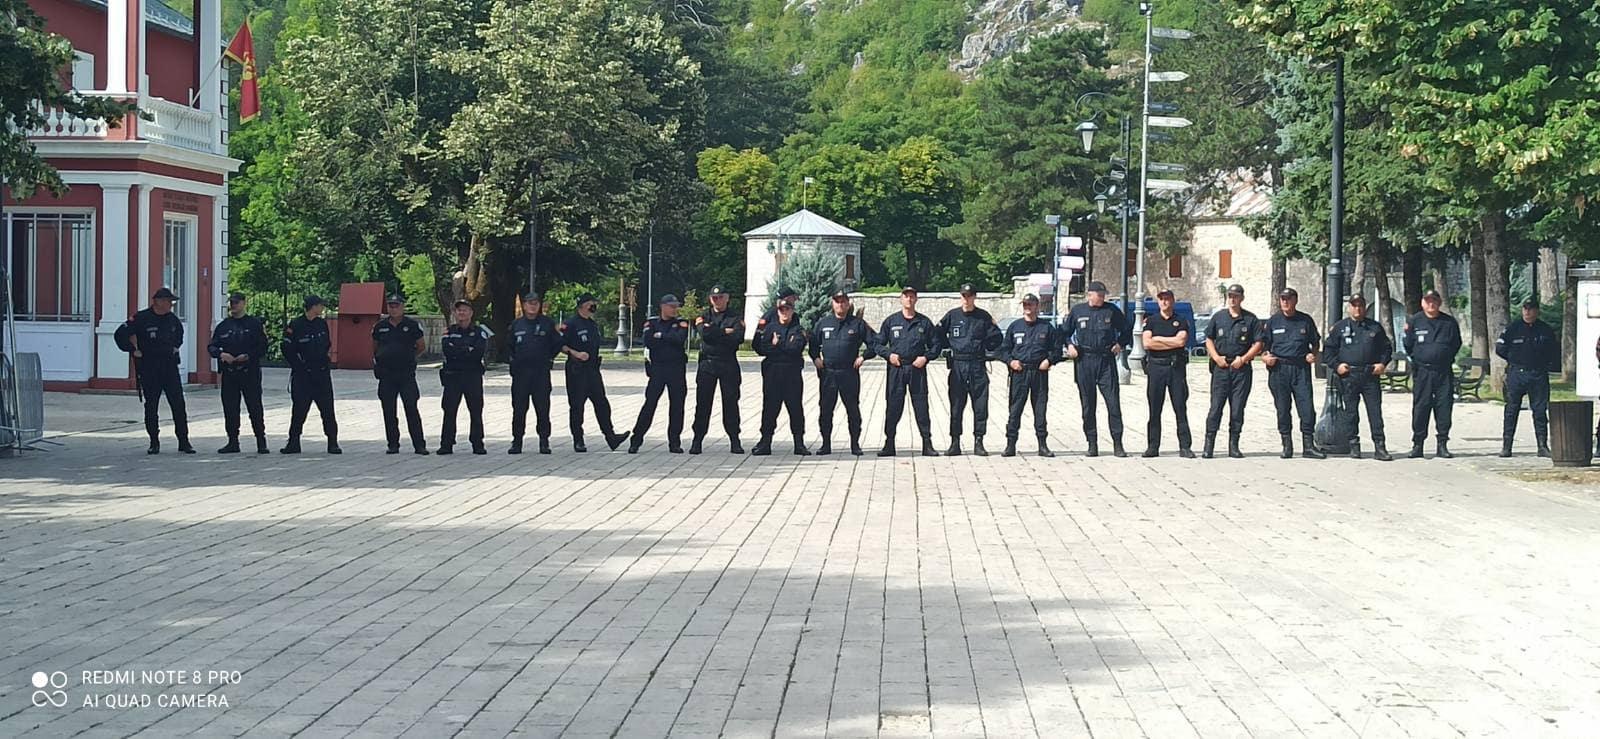 UP: Netačno da su policajci prešli kod građana, svi obavljaju svoje zadatke po planu